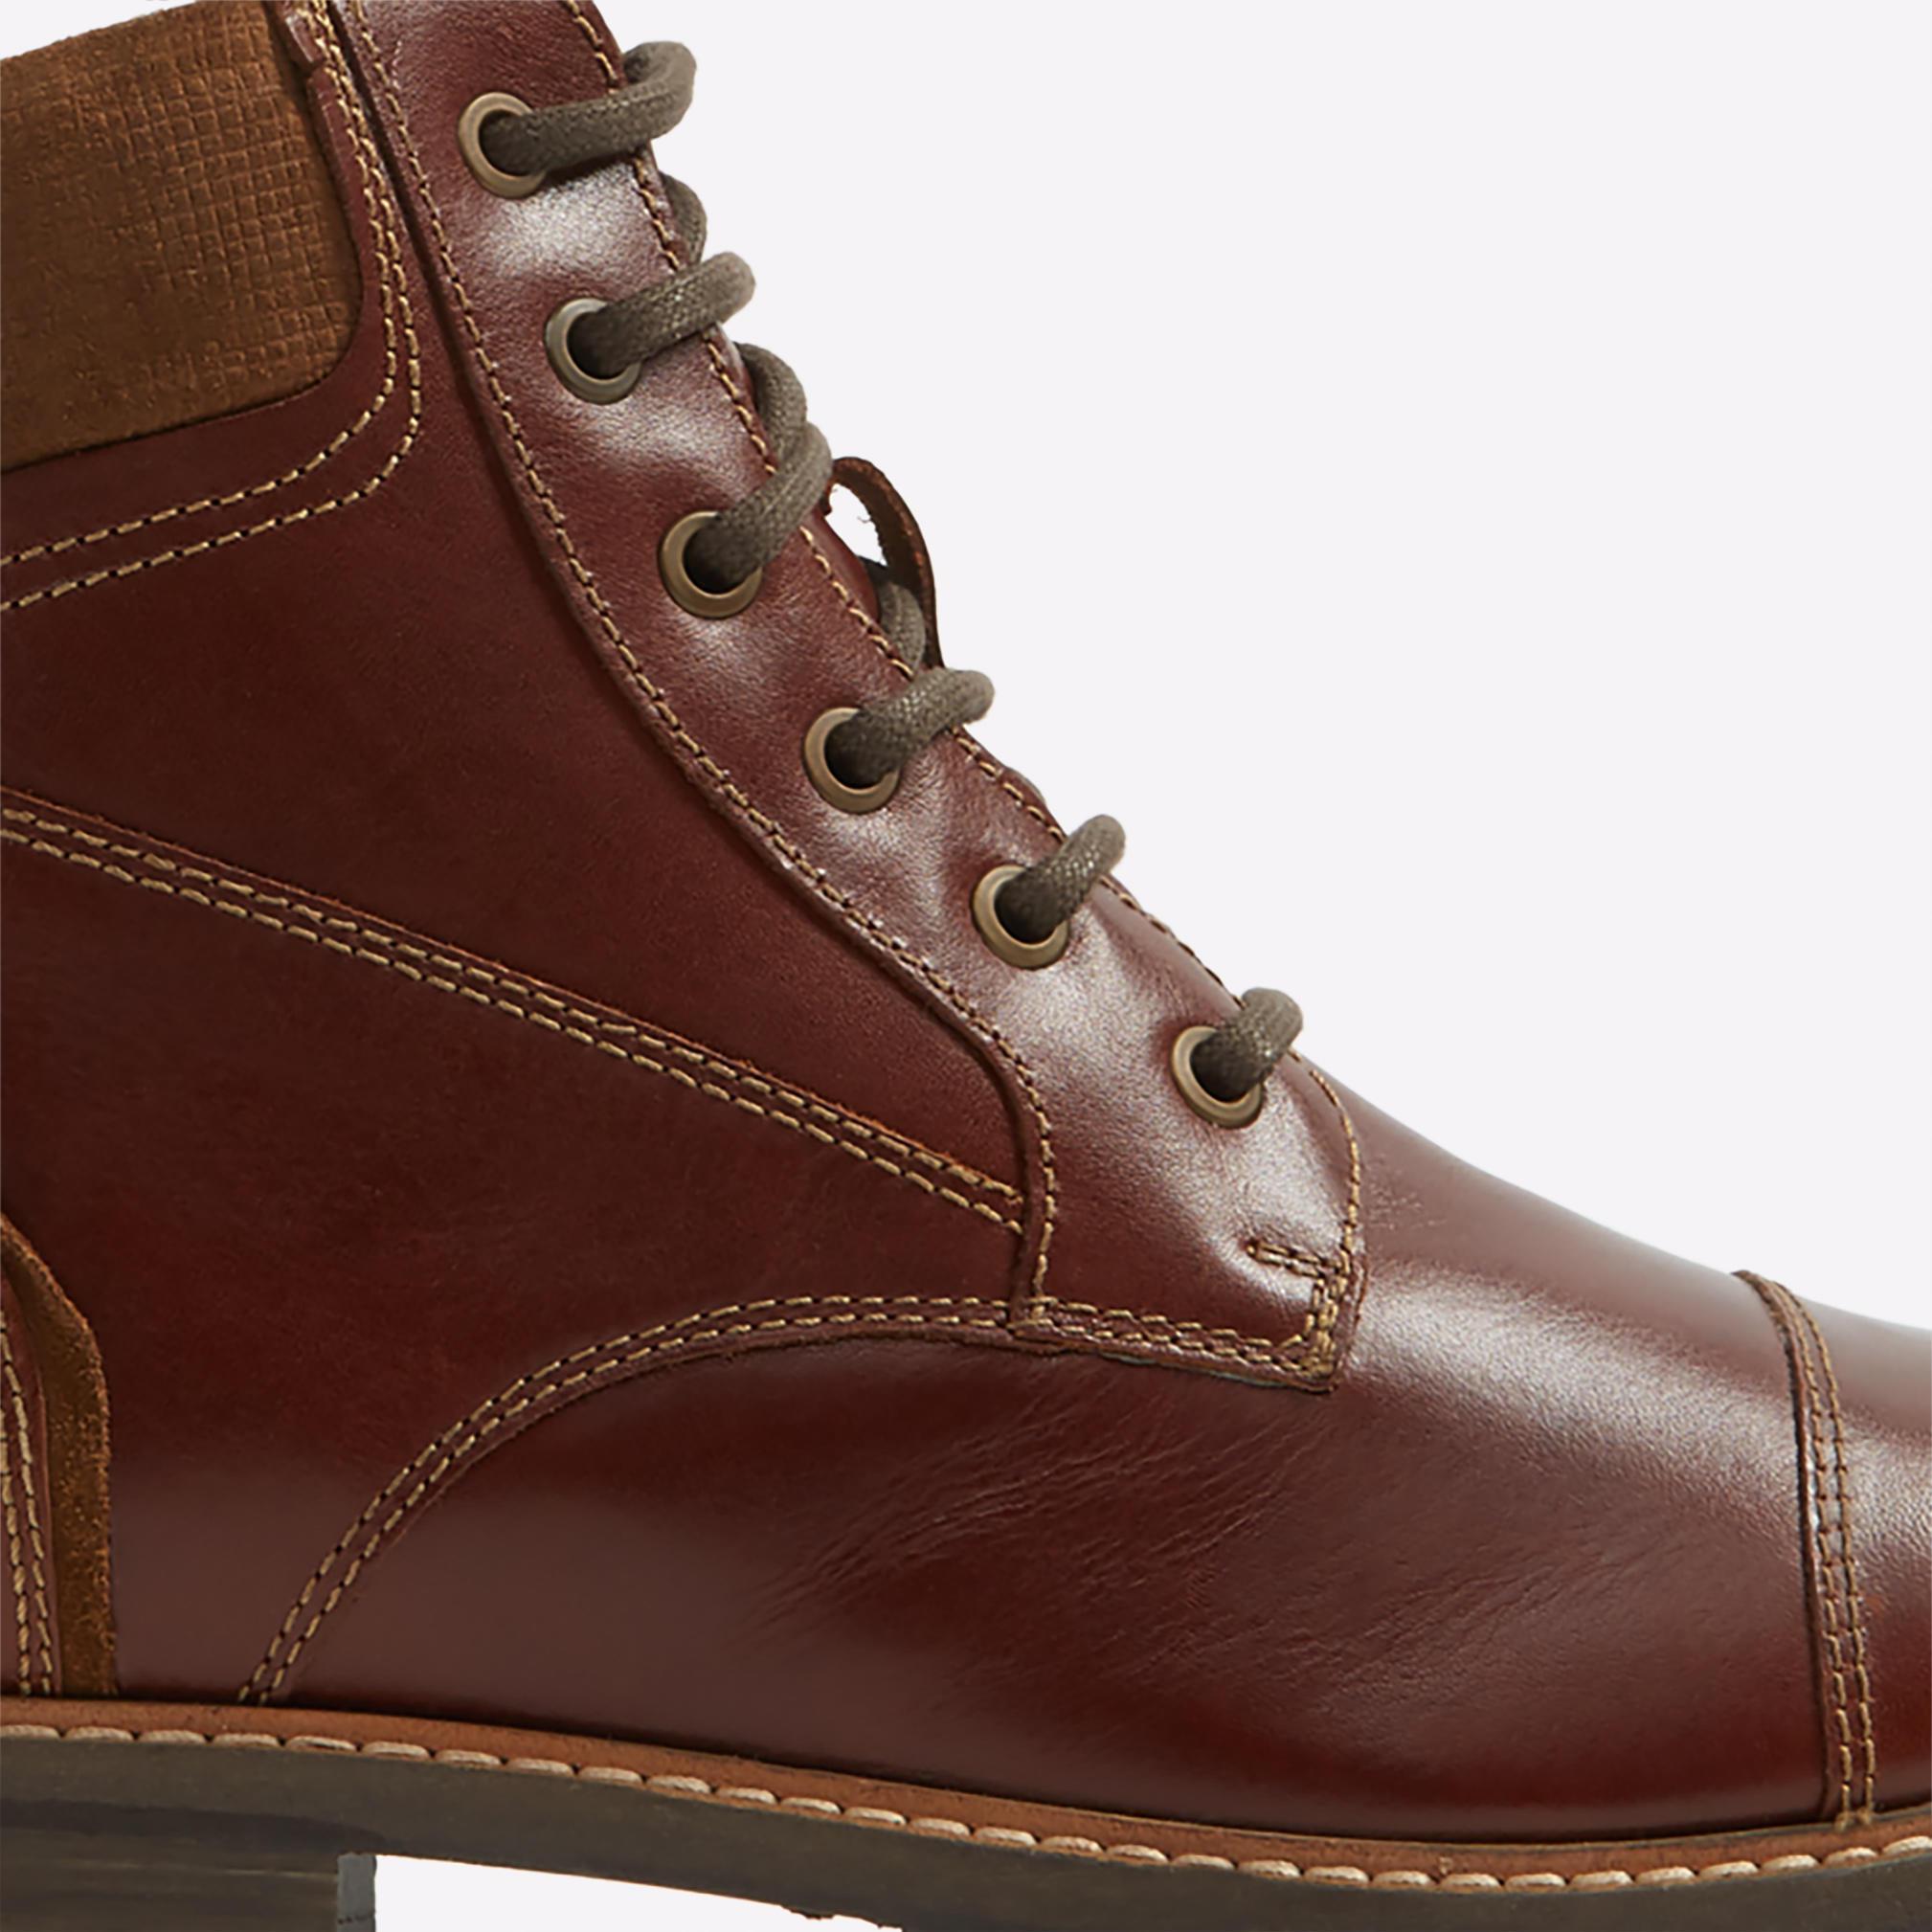 Mens Aldo Laufman Boots Cognac IQA61676